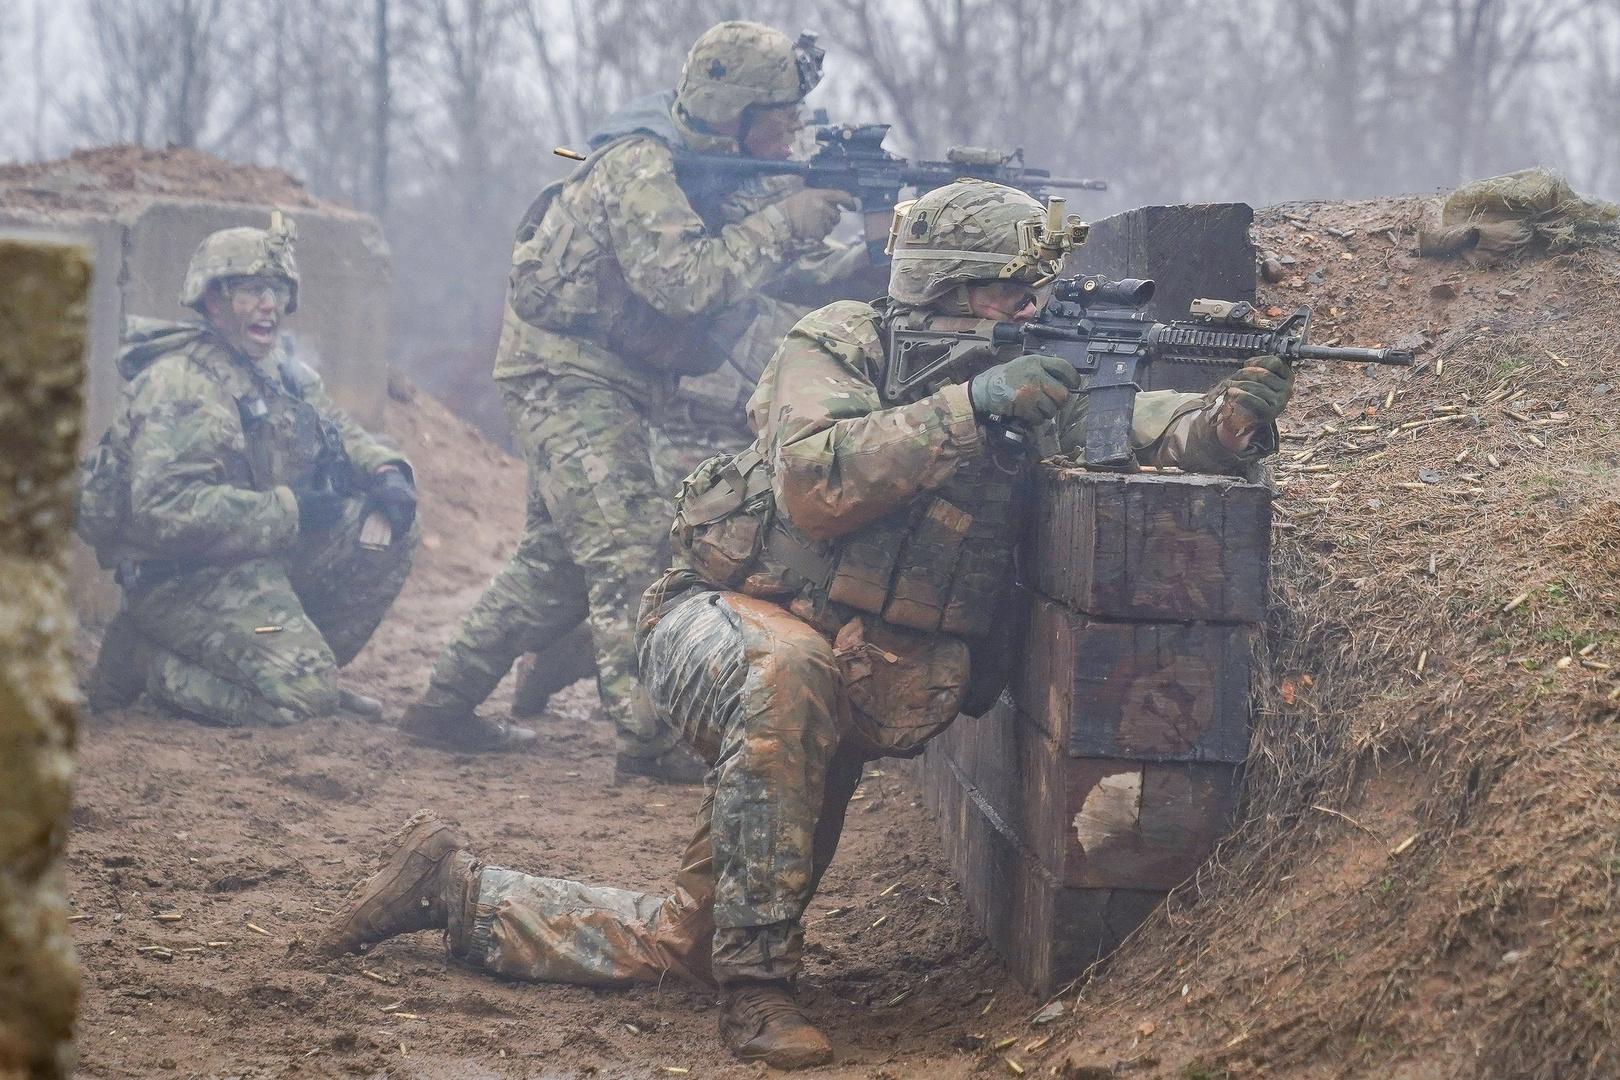 وزارة الدفاع الأمريكية ترفع درجة التأهب استعدادا لنشر قواتها في البلاد على خلفية الاحتجاجات الواسعة